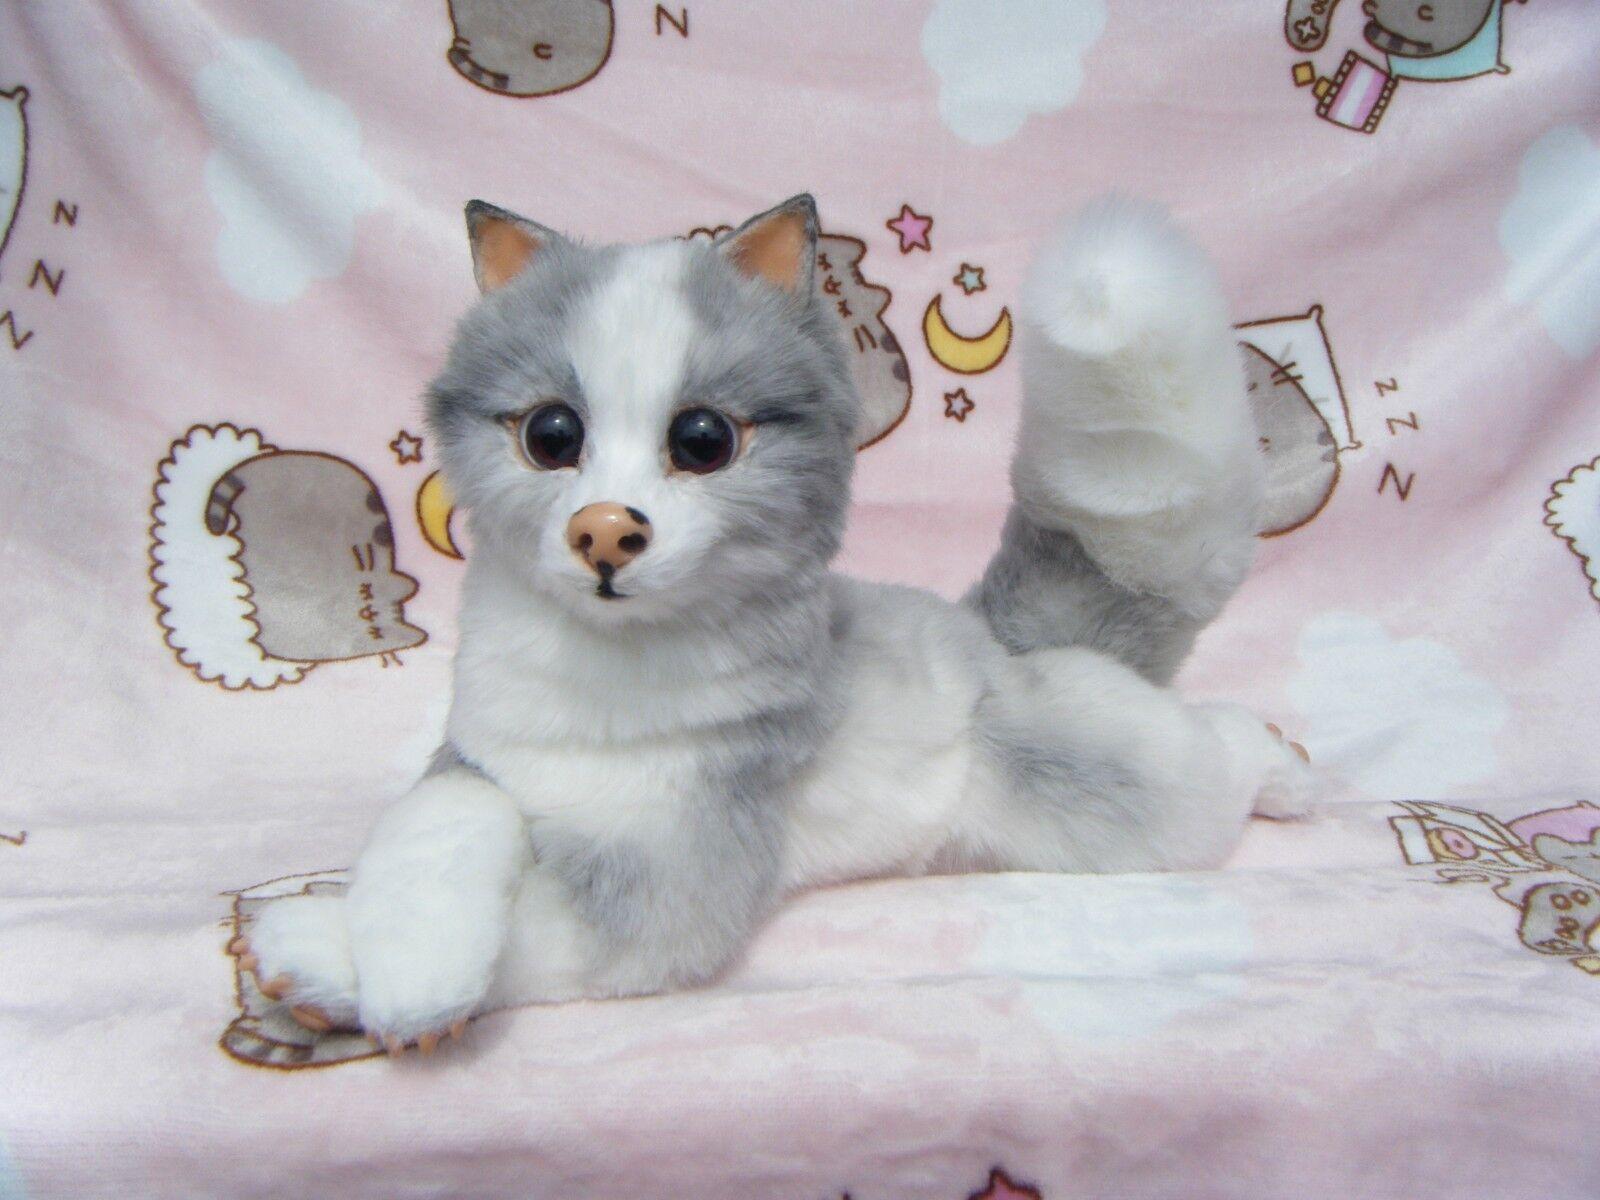 Ooak Artist Bear Polar Fox by Asel Rin   Monkey Business Toys (Russia) 1   1